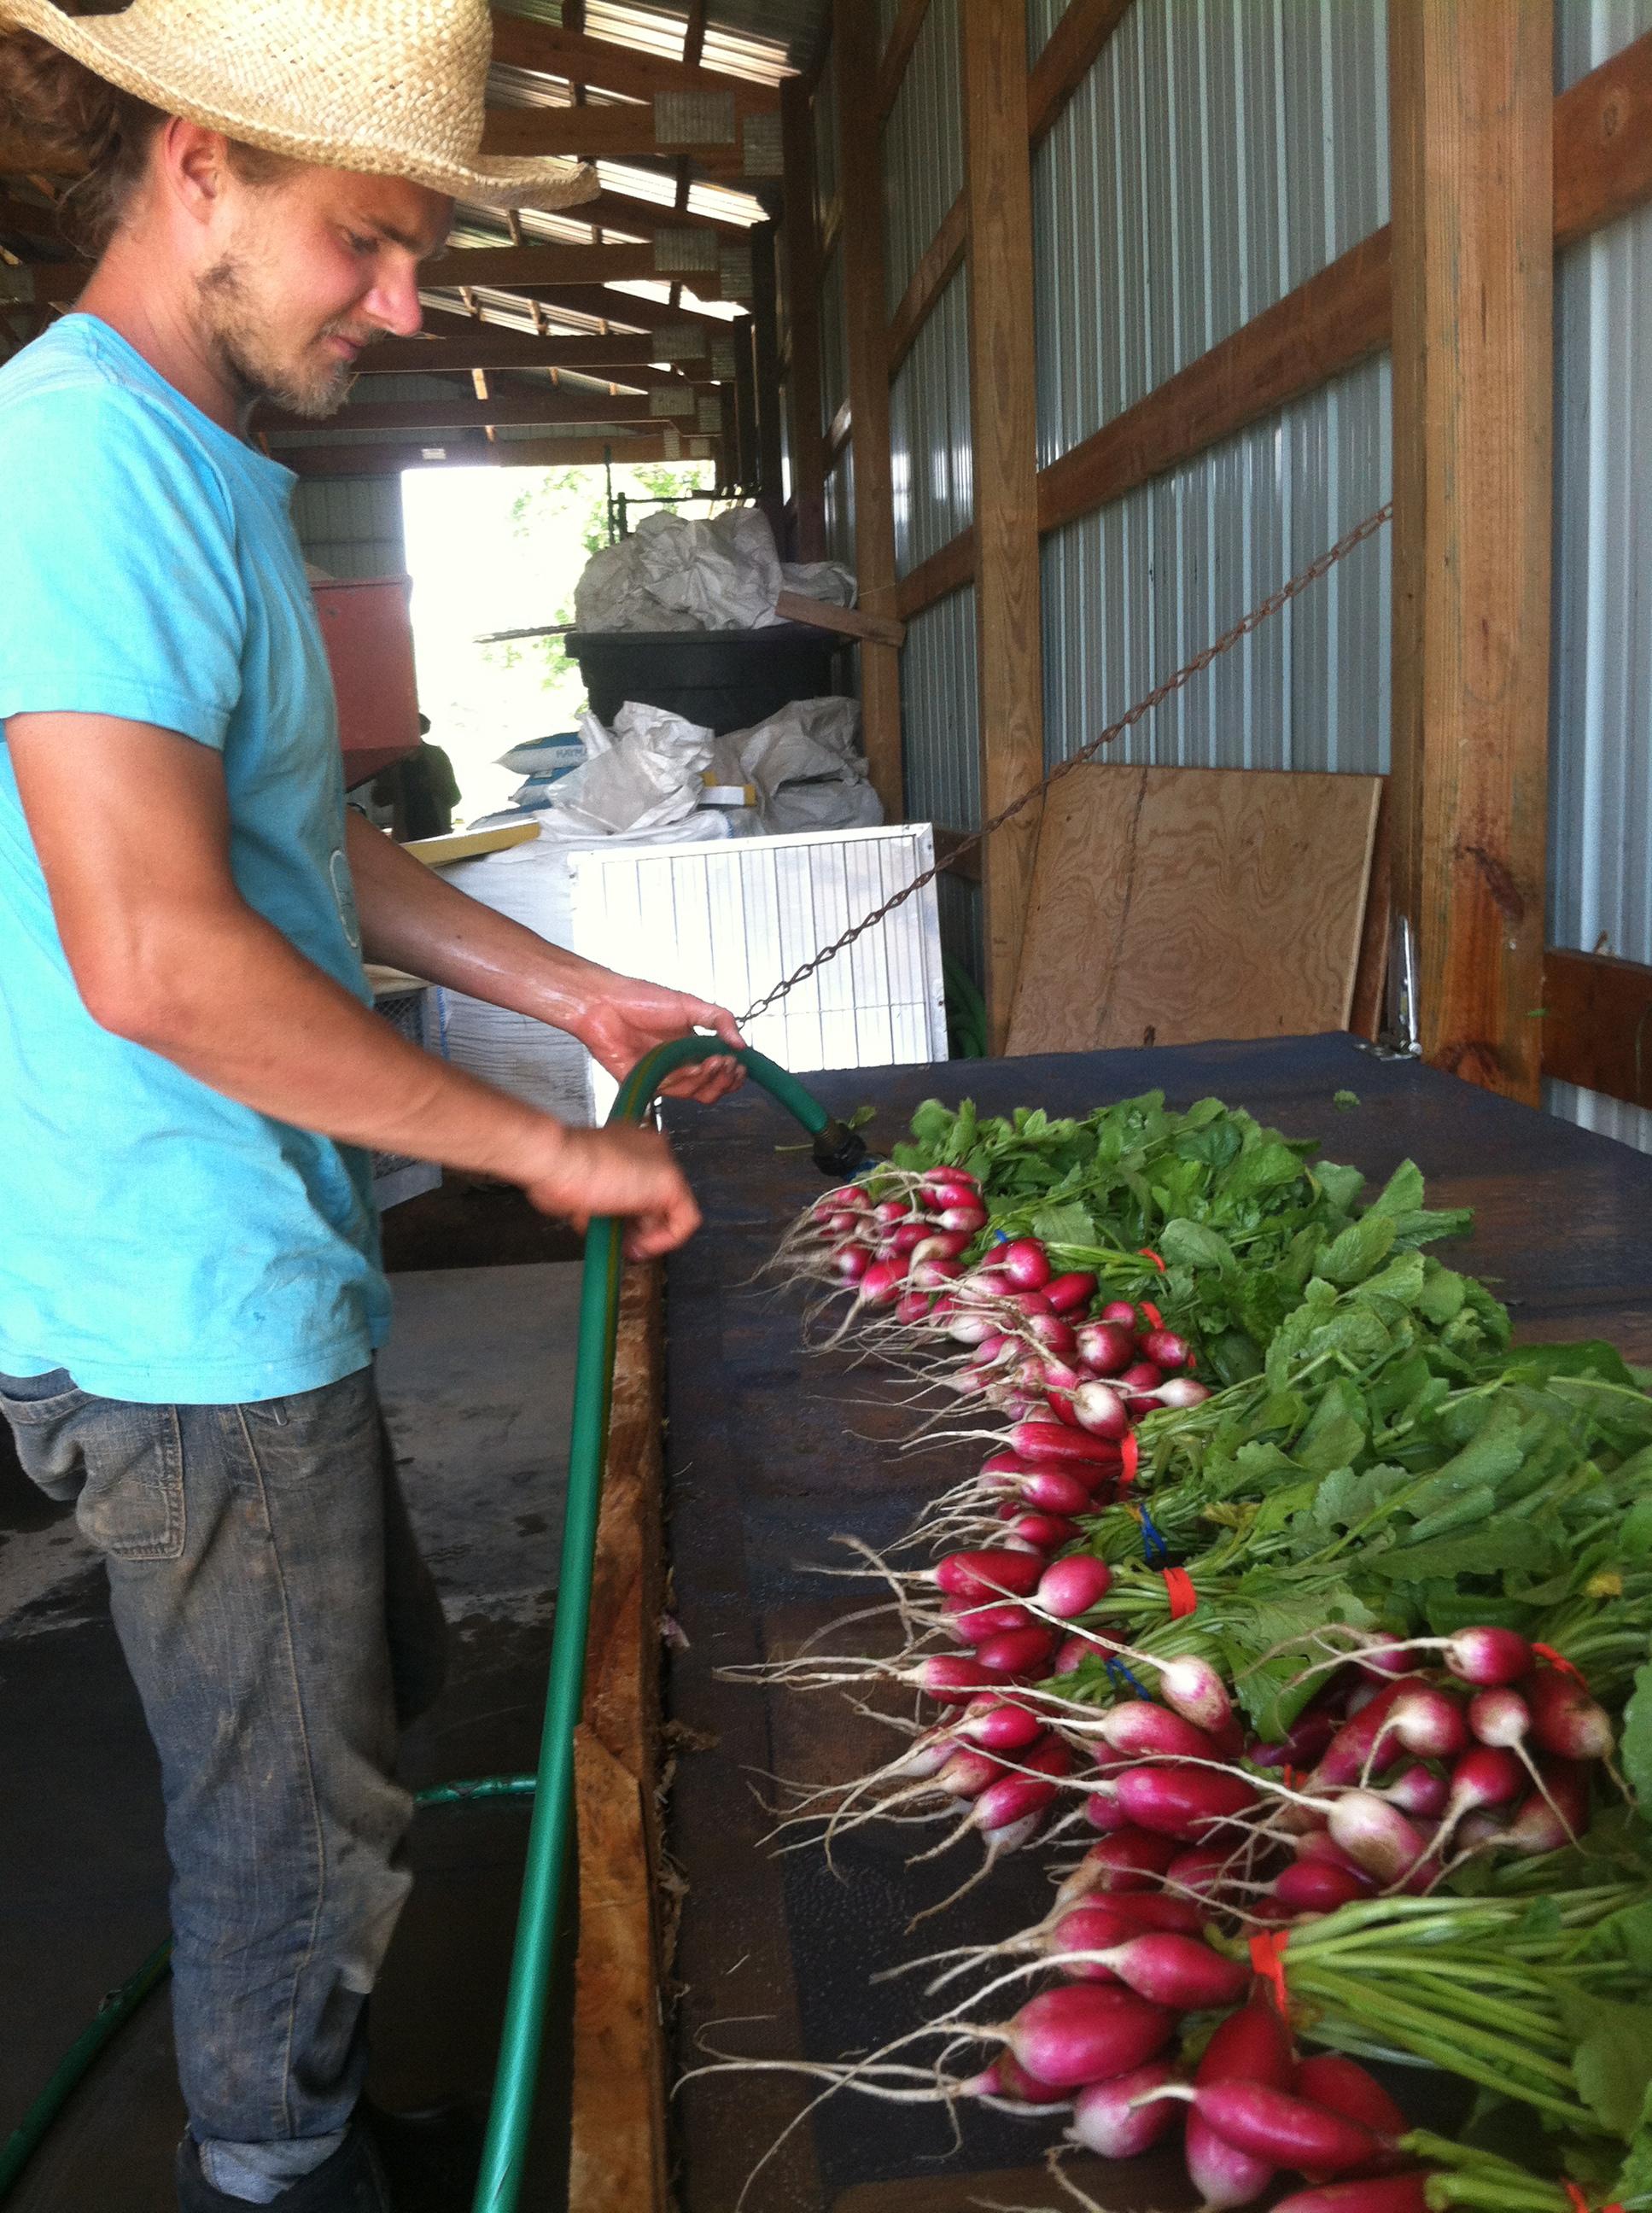 Sam washing radishes